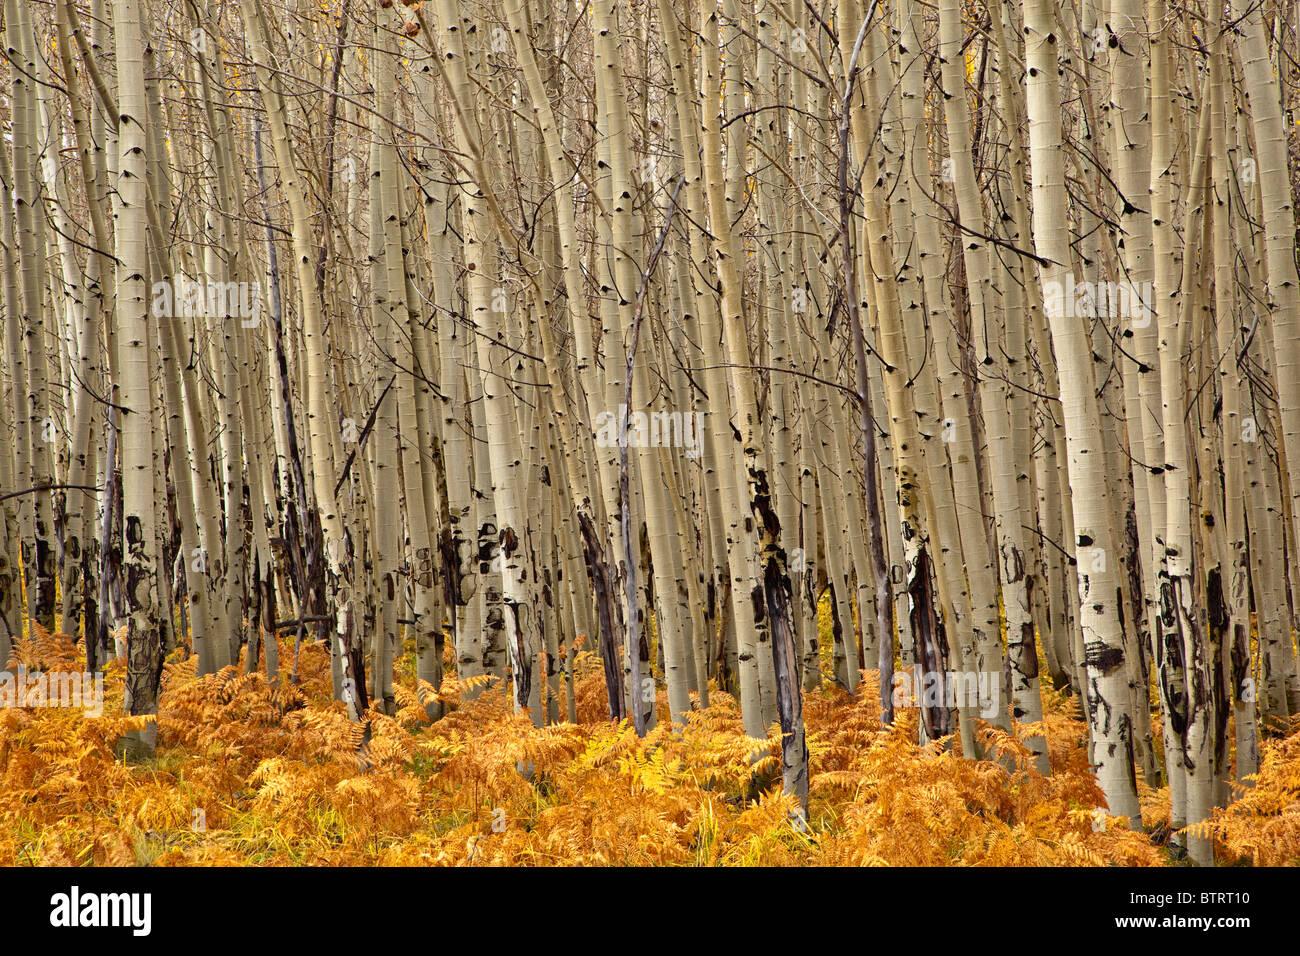 Bosquet de trembles avec sous-bois de fougères, de l'automne sur les San Francisco Peaks, Coconino National Forest, États-Unis Banque D'Images